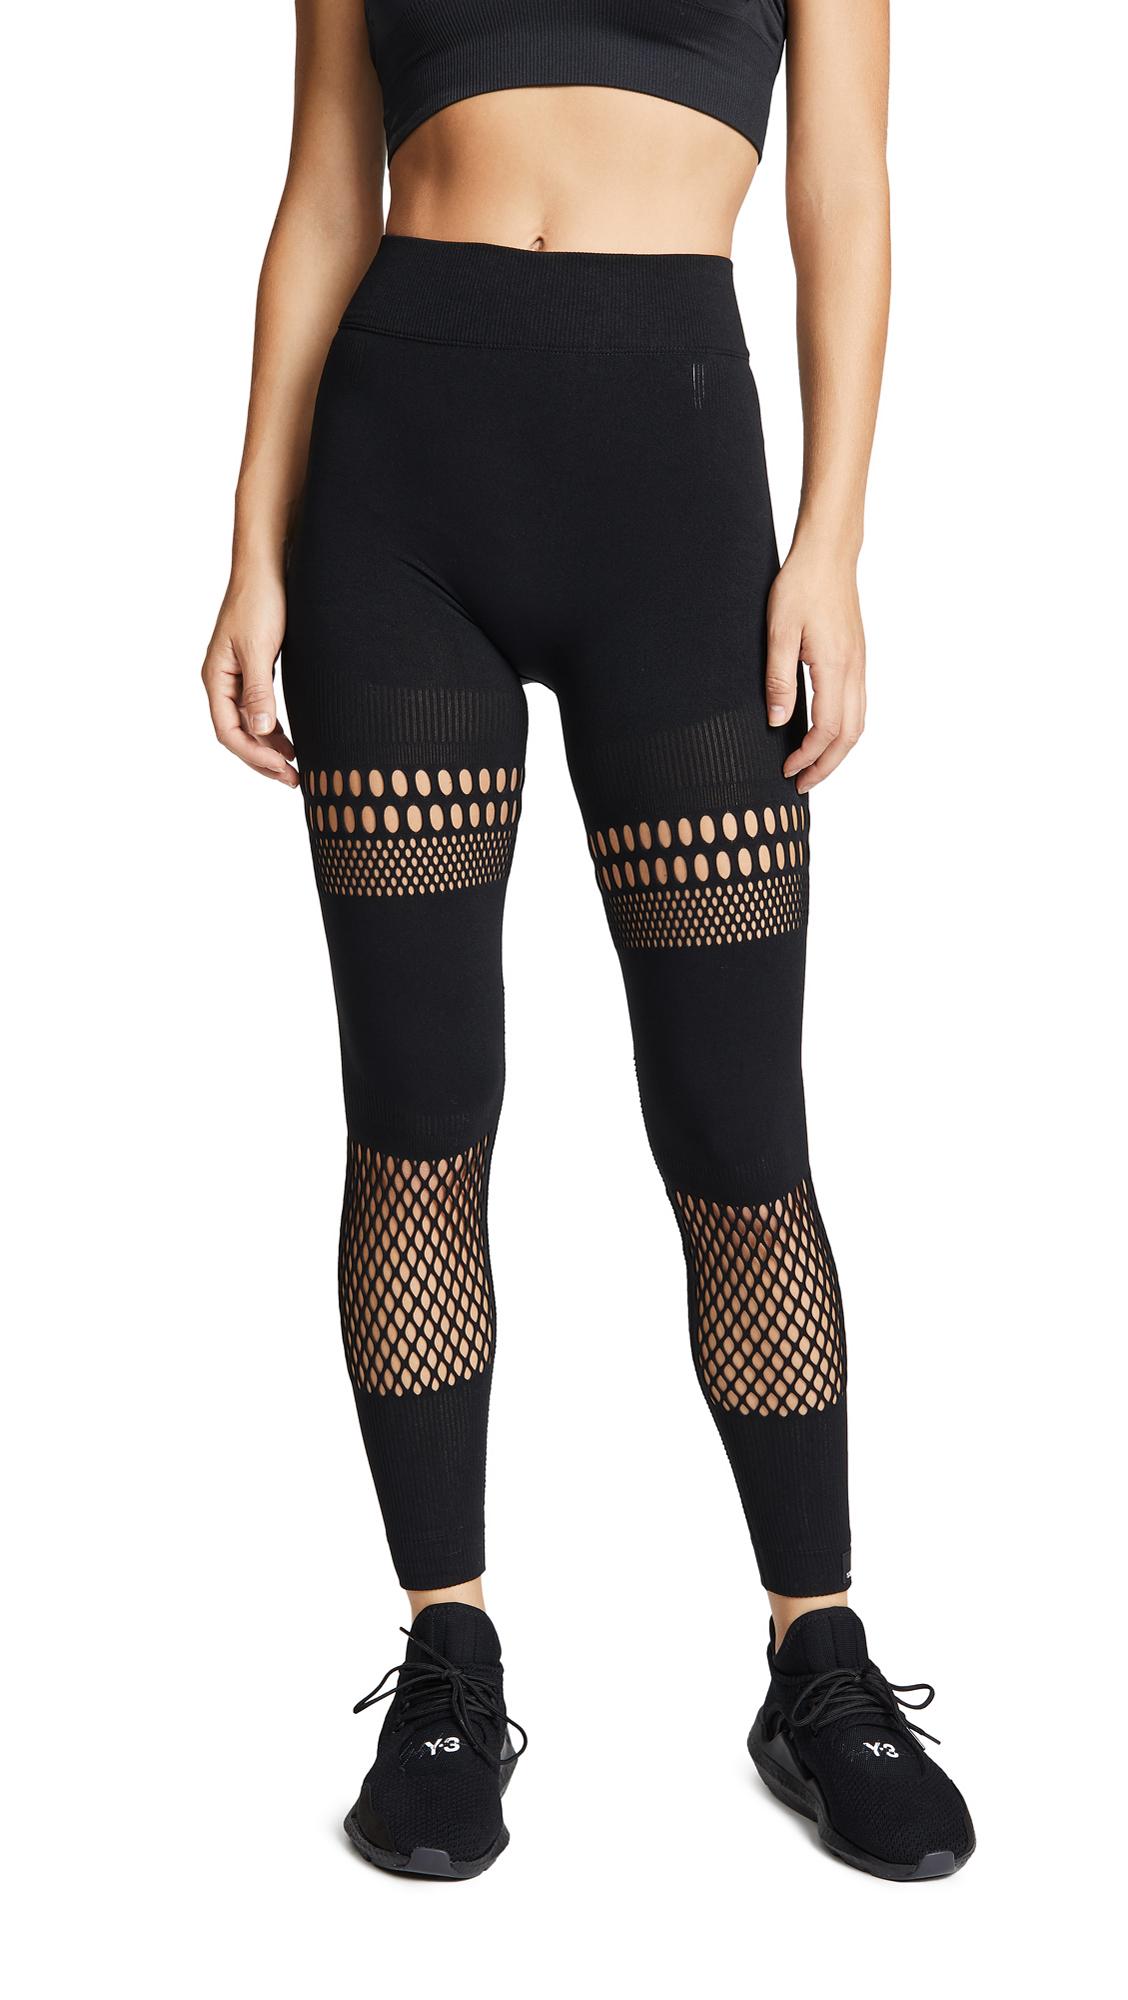 45a95b4d836dc adidas by Stella McCartney Yoga Warp Knit Leggings | SHOPBOP